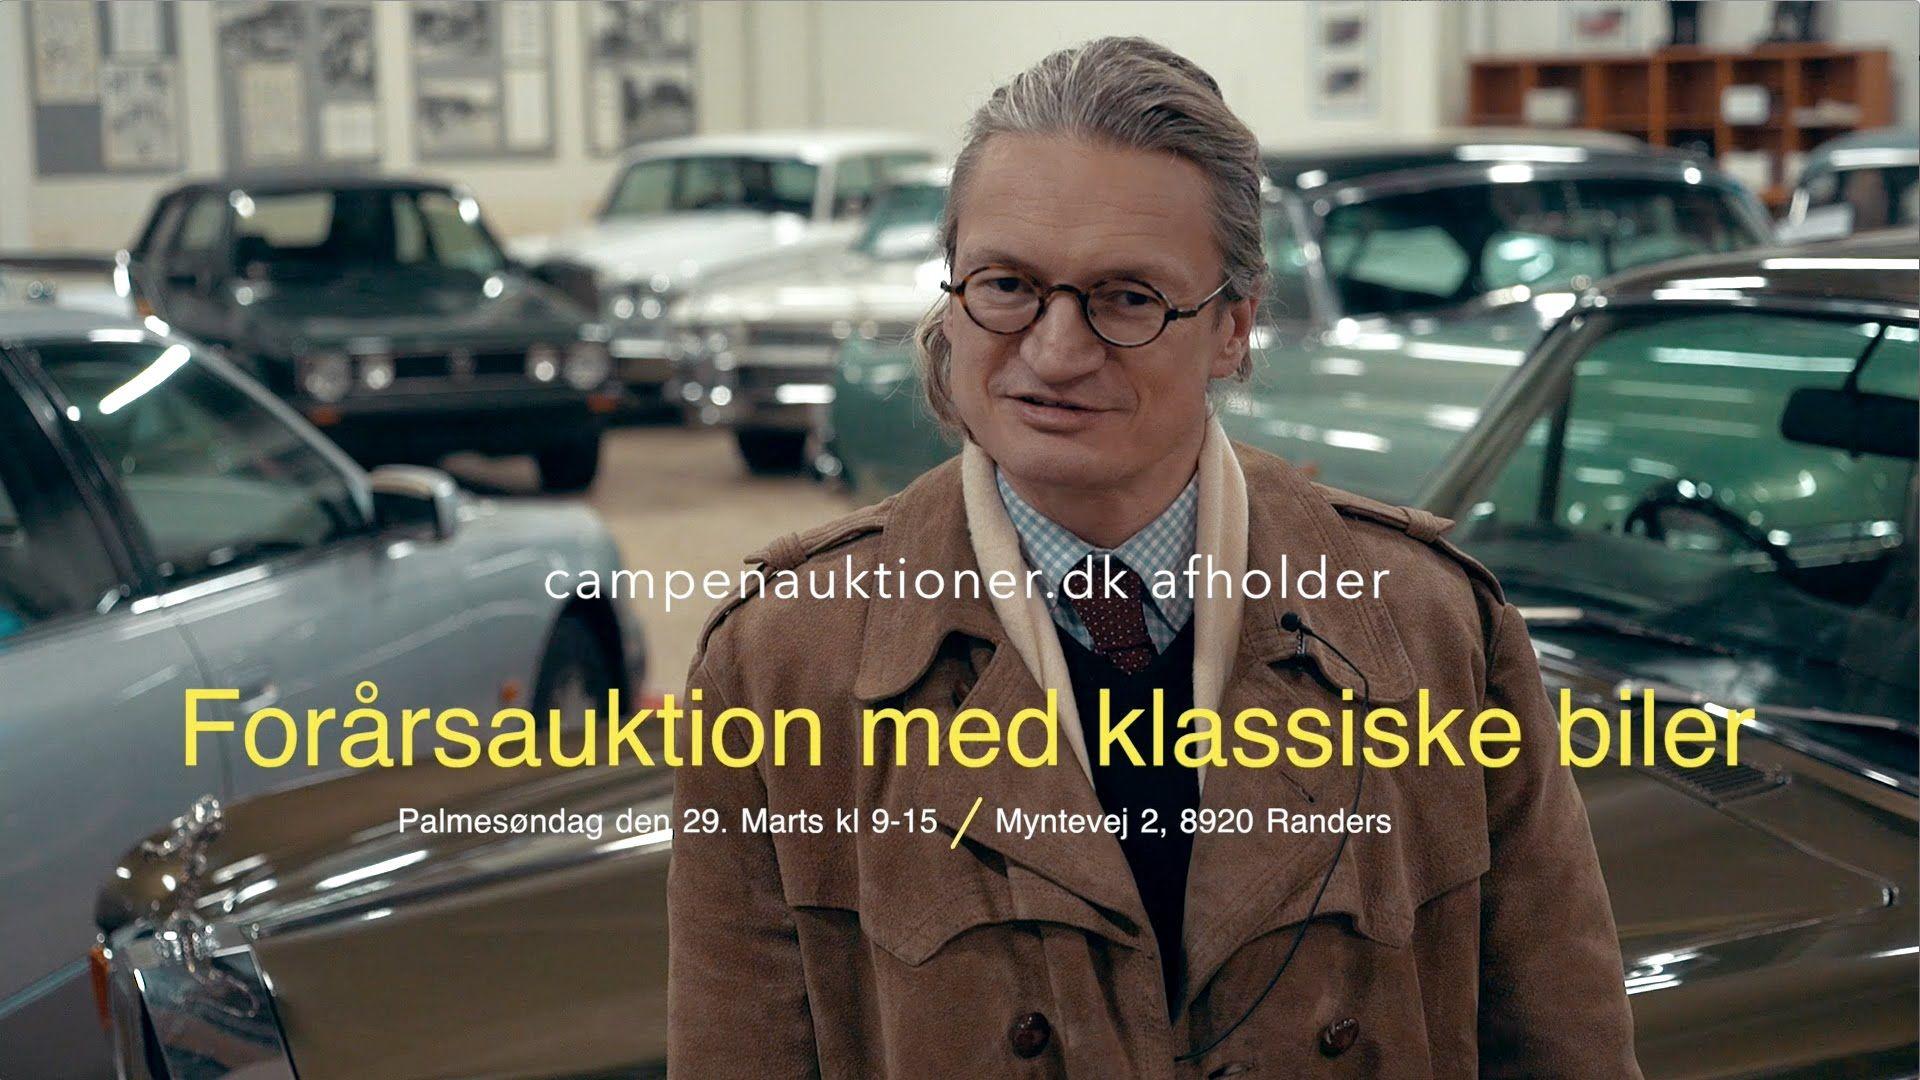 Campen Auktioner A/S - Teaser for bilsamling